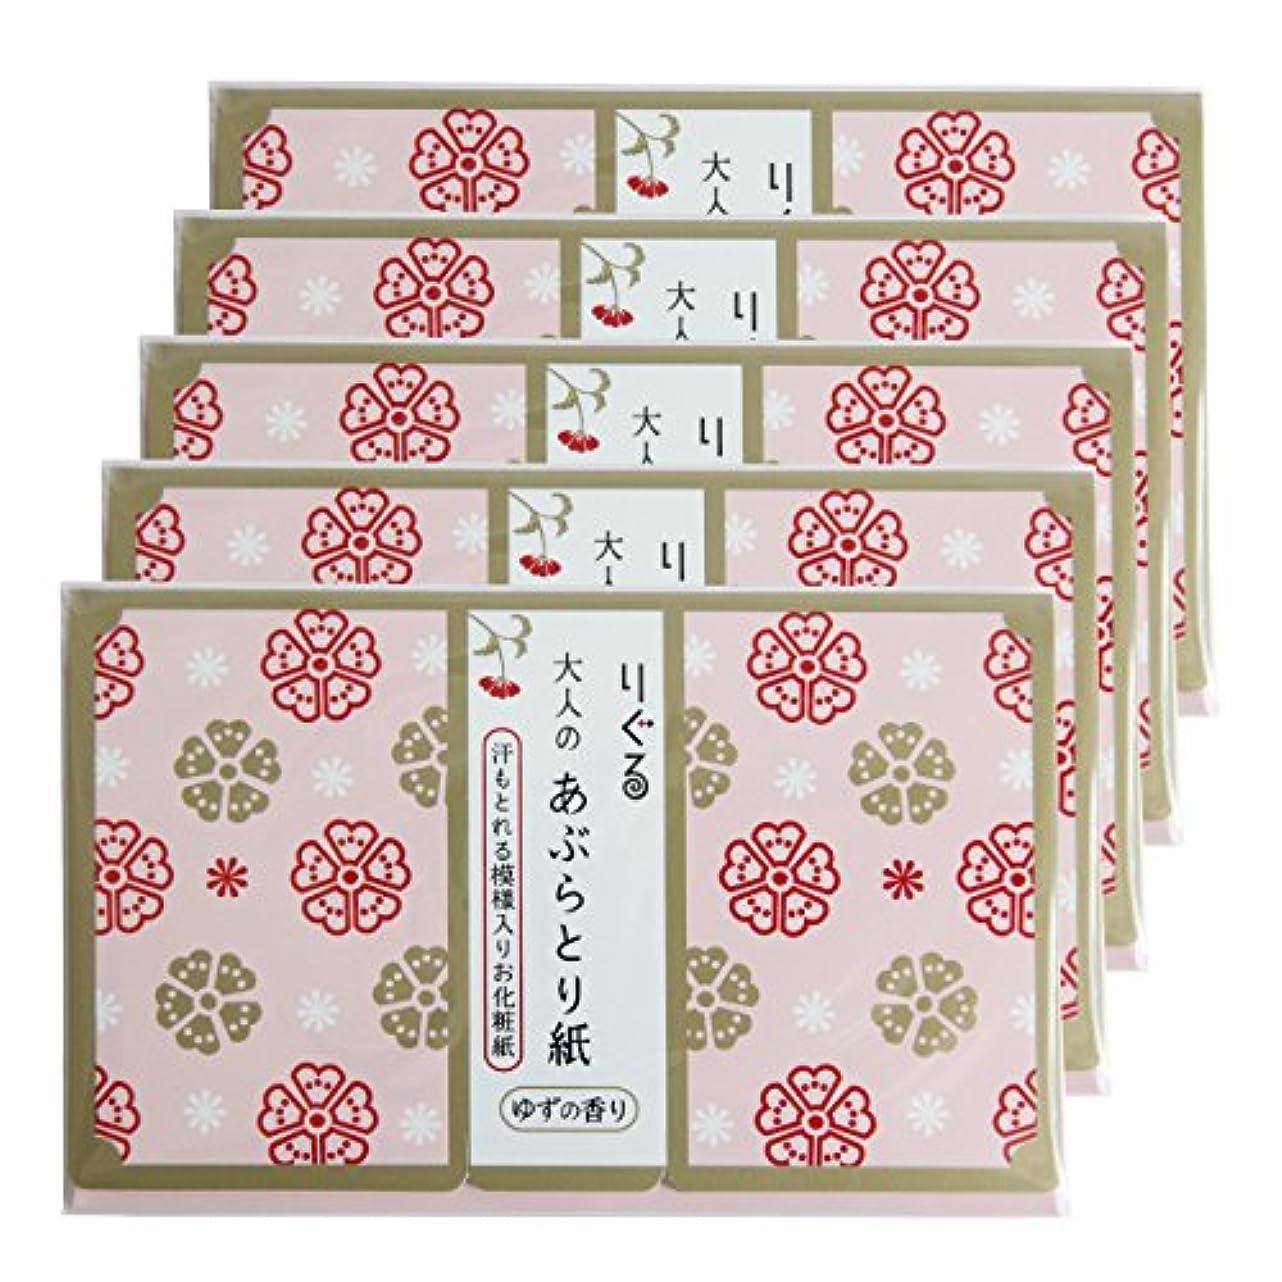 シェトランド諸島好意同意するりぐる 大人のあぶらとり紙 使うたびにうれしくなる ちょっと贅沢な高知県産ゆずの香りのあぶらとり紙(30枚入り) (5p)